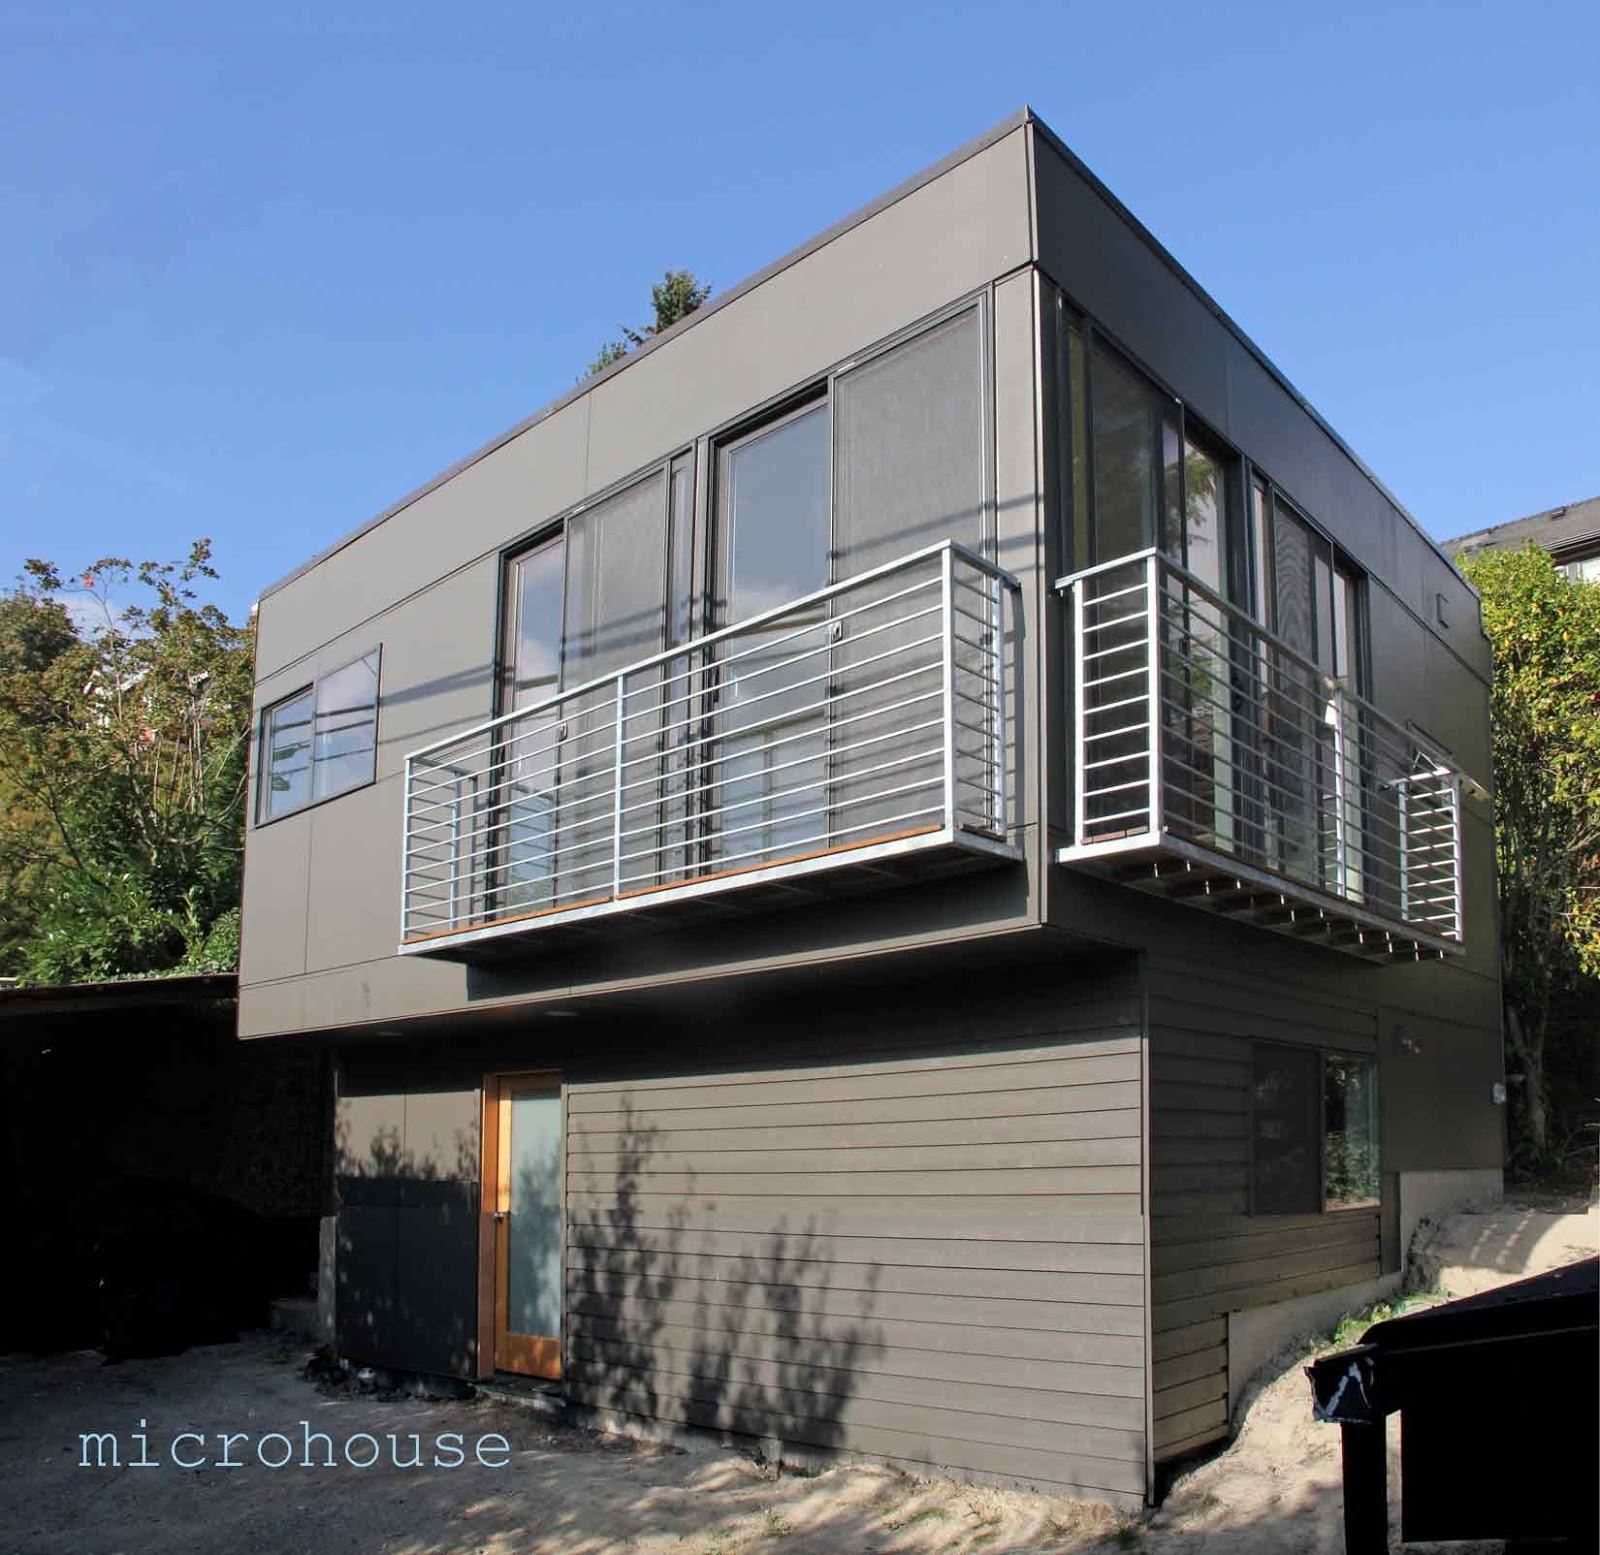 Backyard cottage blog backyard cottage for rent for Backyard cottage seattle